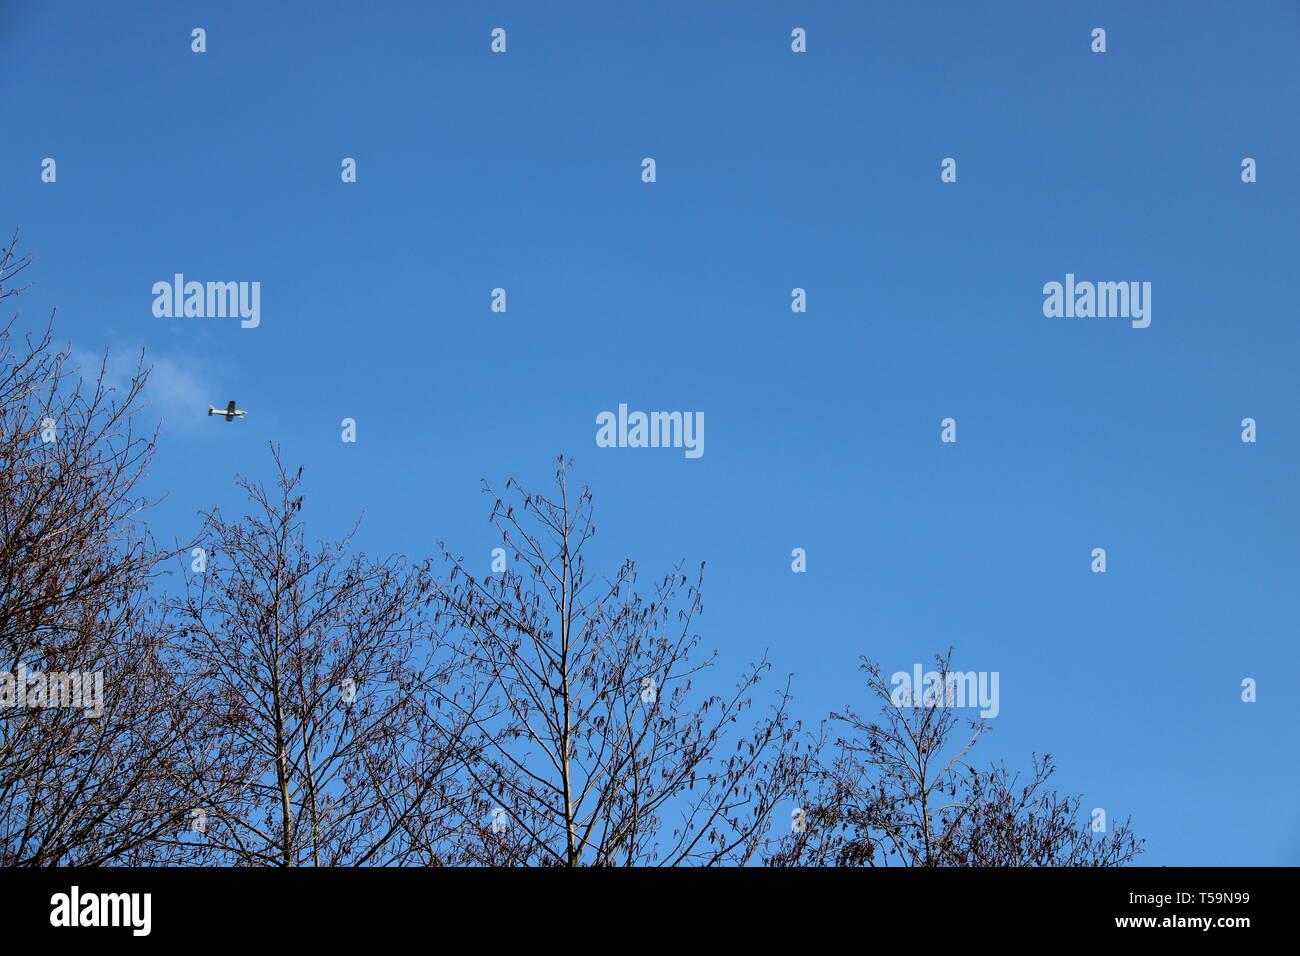 Flugzeug am Himmel - Stock Image